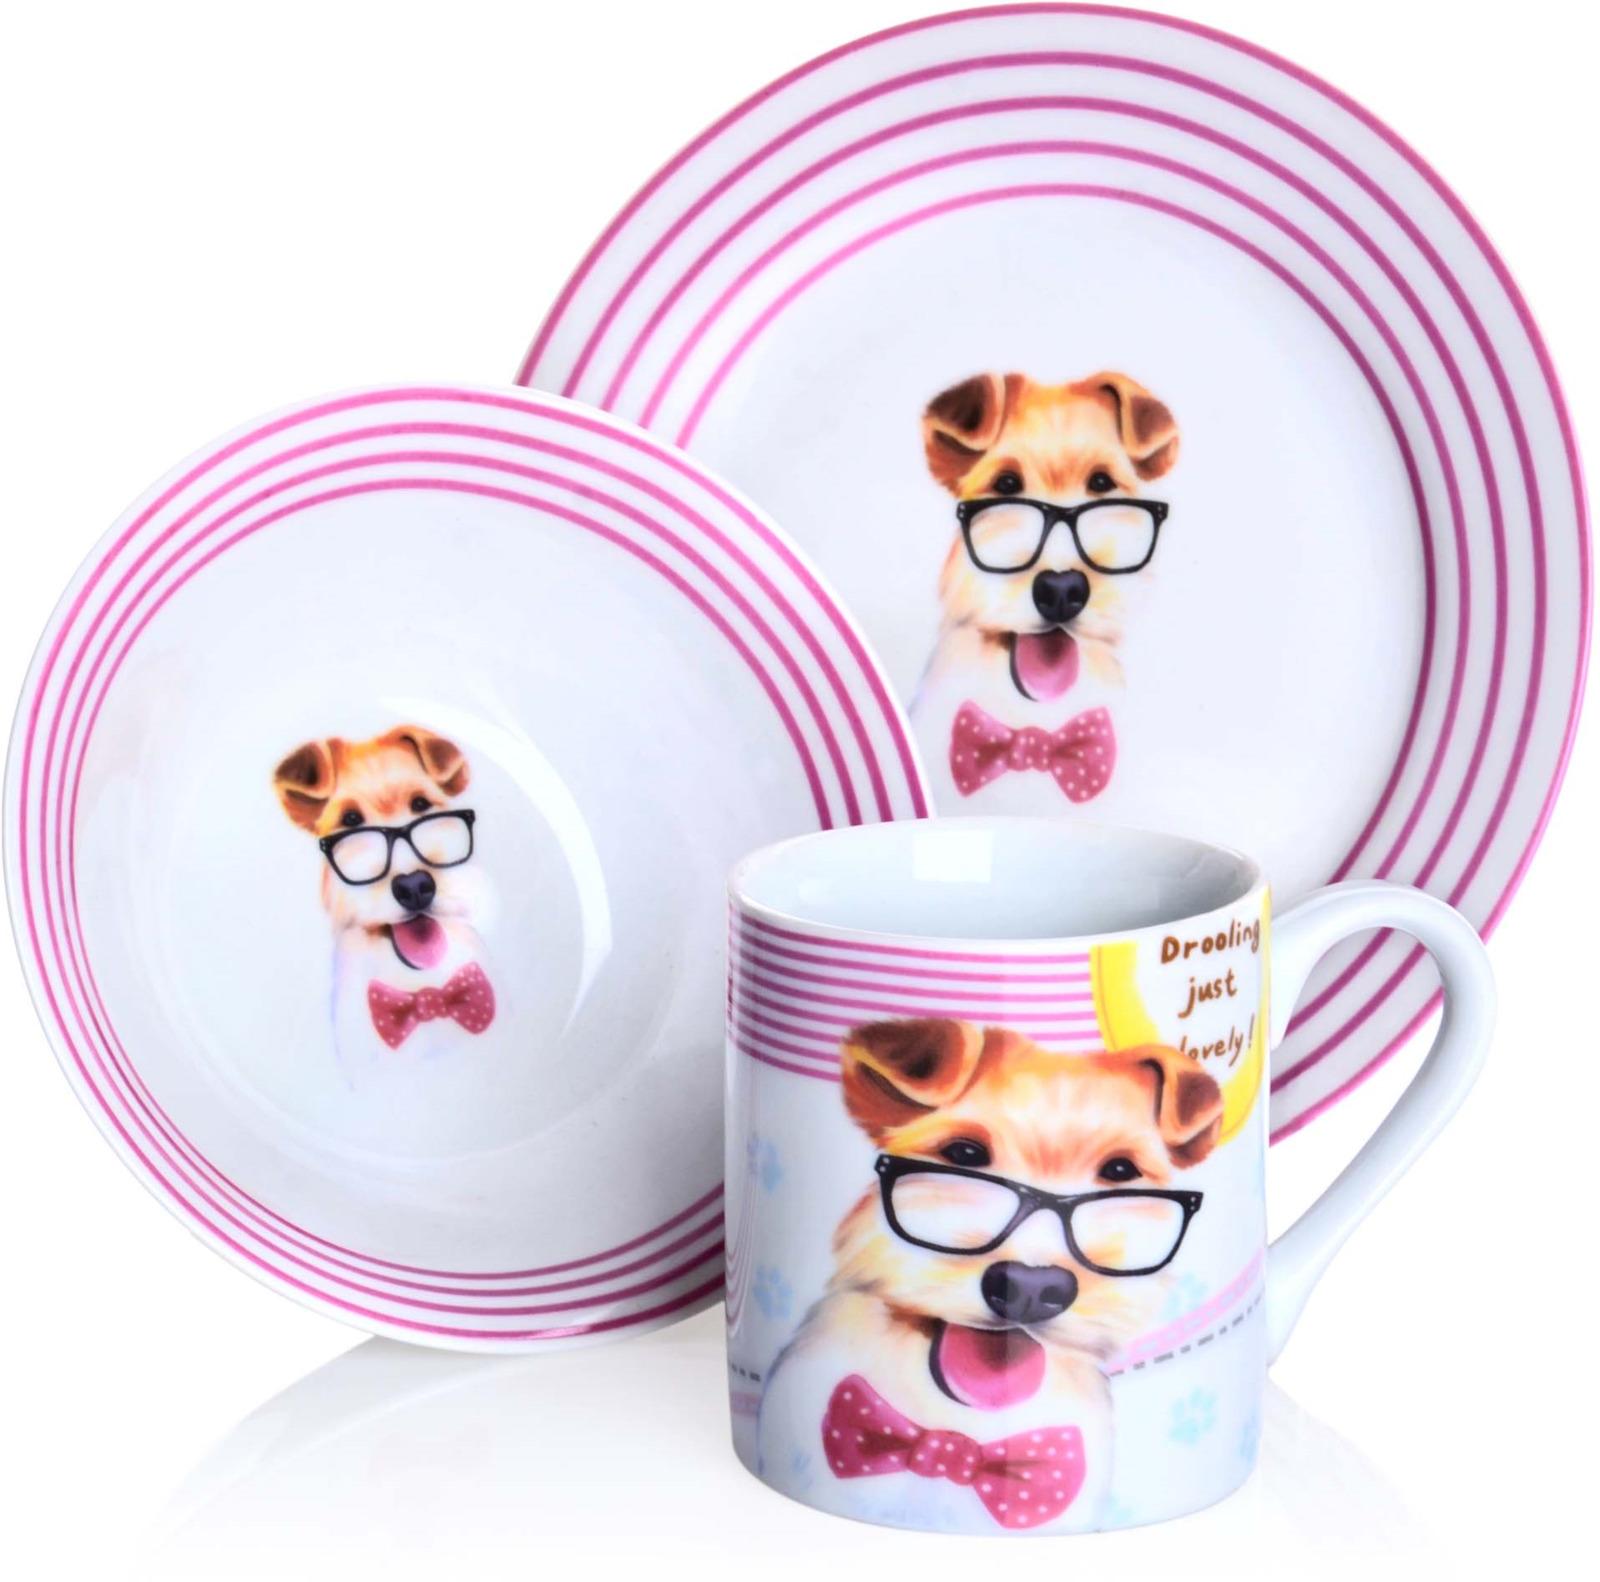 Набор детской посуды Loraine Собачка, цвет: белый, бежевый, розовый, 3 предмета. 9472494724Предметы набора выполнены из высококачественной керамики и декорированы красочным рисунком. Изделия легкие и функциональные. Такой набор обязательно понравится вашему ребенку, потому что теперь у него будет своя собственная посуда с ярким и оригинальным рисунком. Набор посуды для детей включает в себя три предмета: суповую тарелку, обеденную тарелку и кружку. Набор упакован в красочную, подарочную упаковку. Подходит для мытья в посудомоечной машине. Для детей от 3-х лет.